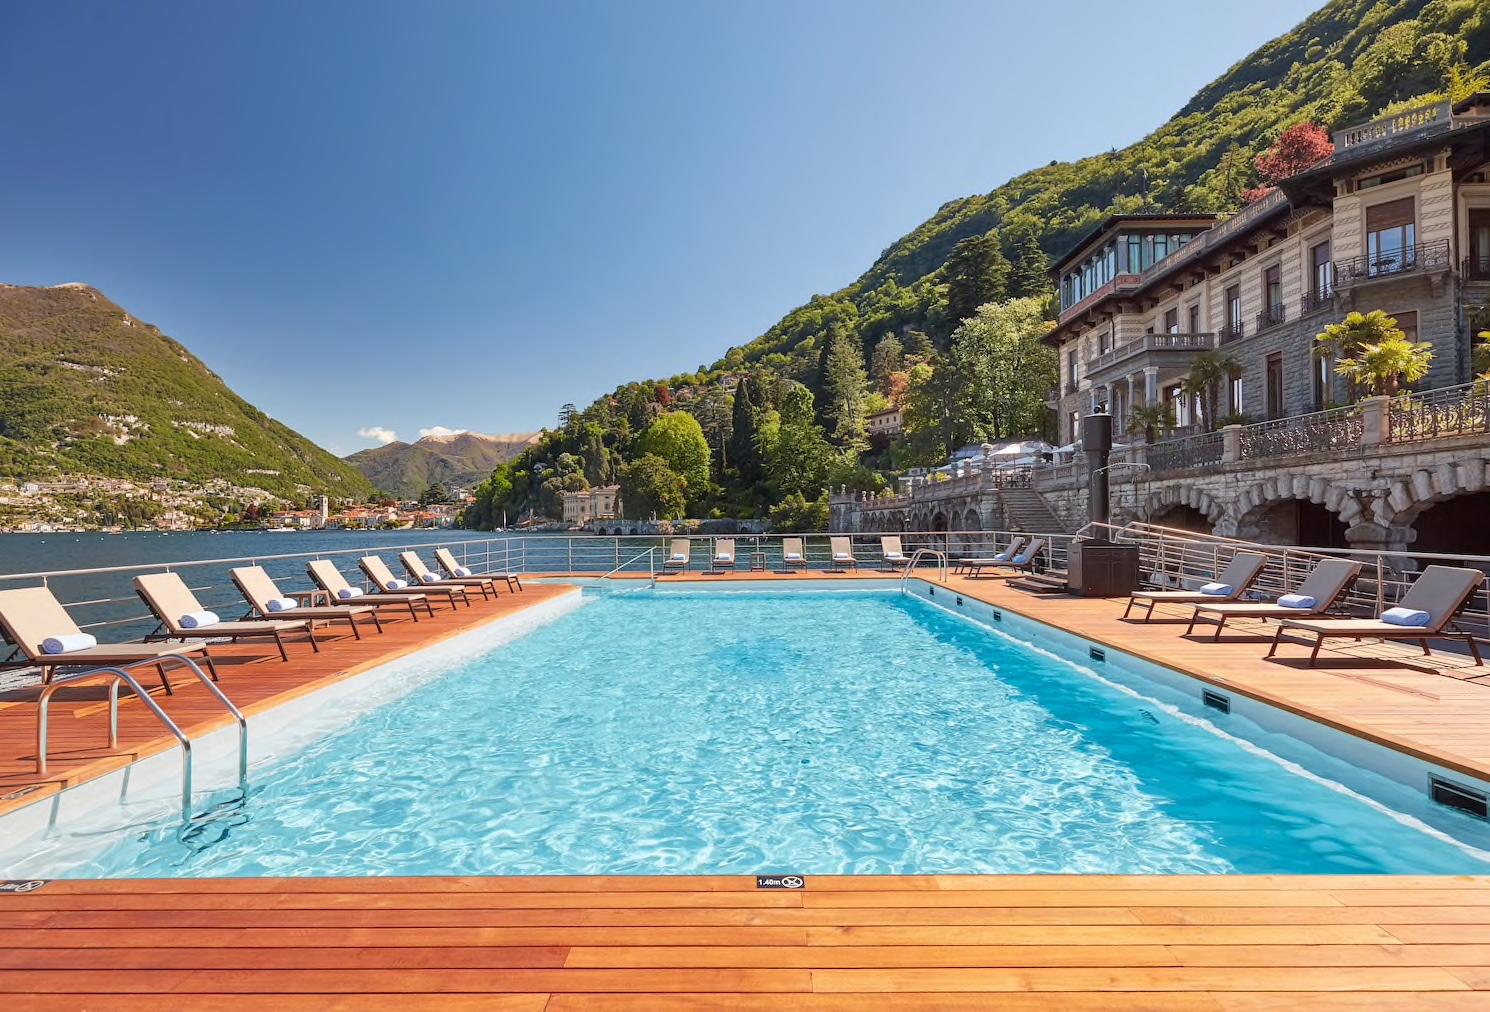 Mandarin Oriental Lago di Como, luna de miel en Italia, Los hoteles más lujosos de Italia - Wedding Hub - 01